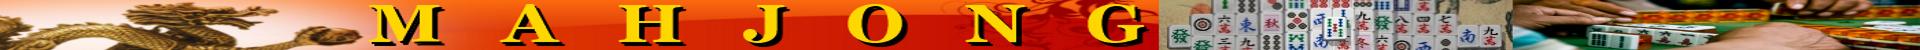 麻雀:最高の麻雀タイタンゲーム無料をプレイ!